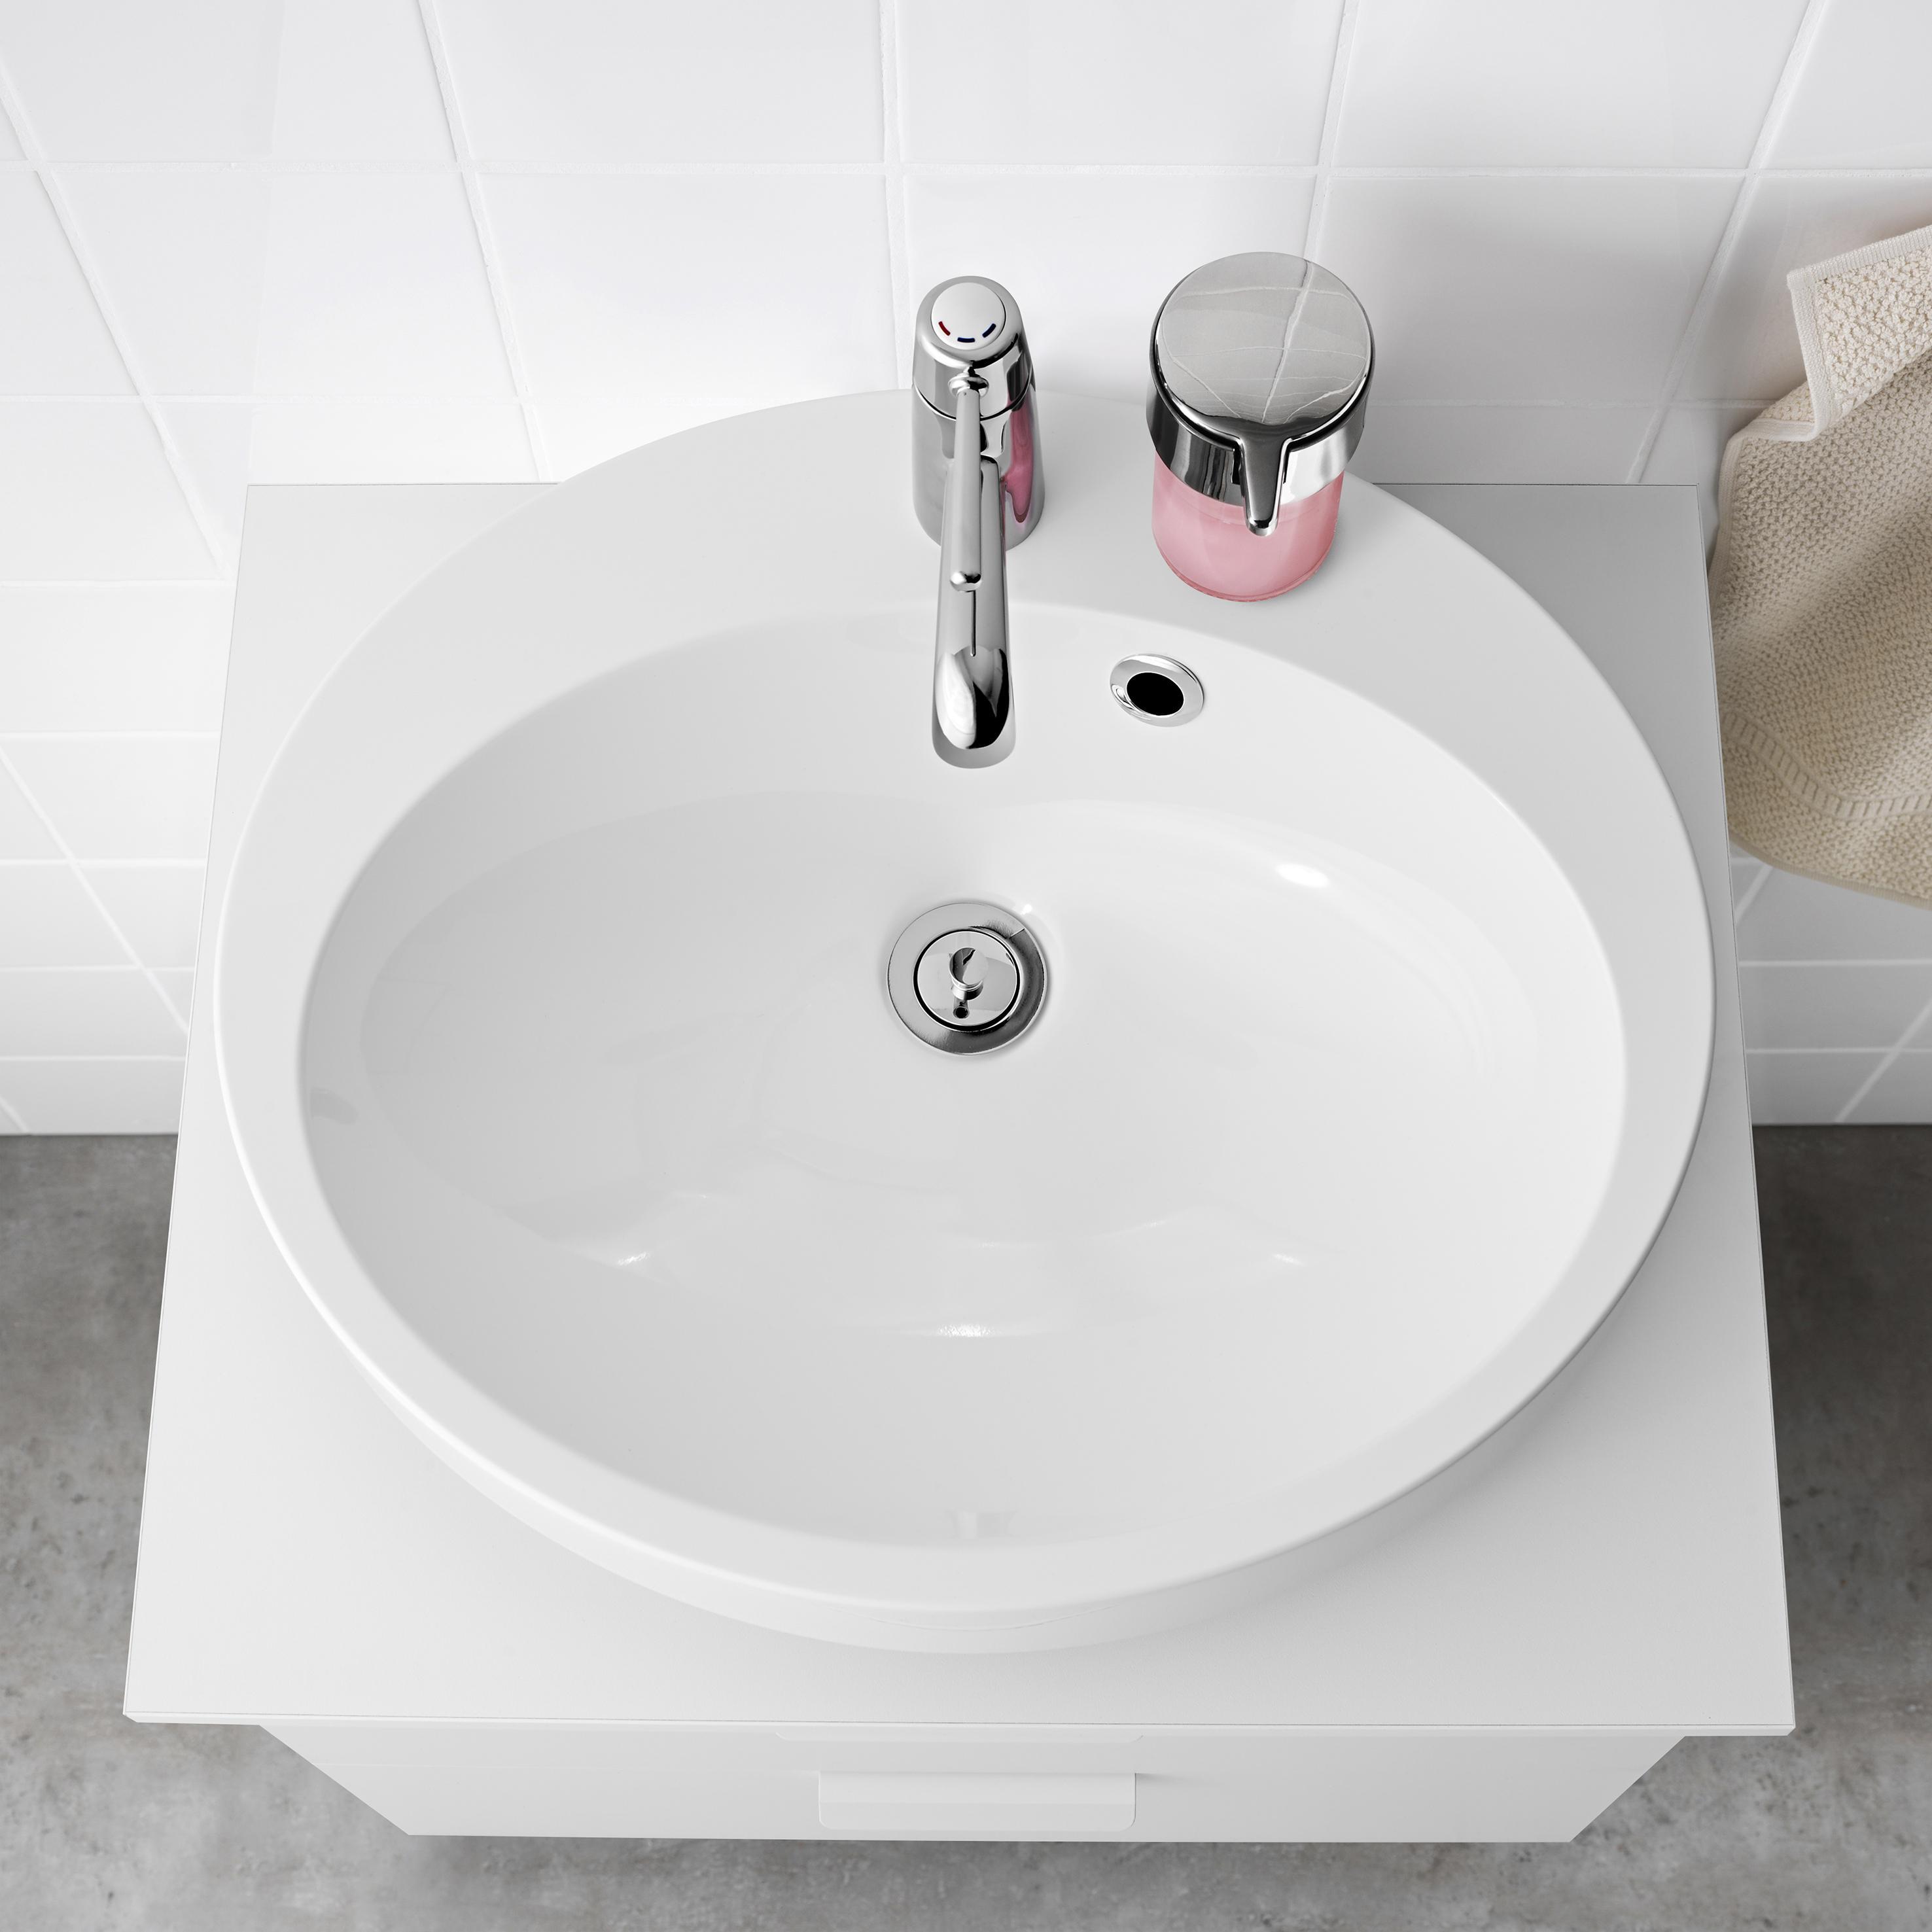 Lavello Bagno Da Appoggio lavabi da appoggio: 18 modelli d'ogni forma, misura e colore